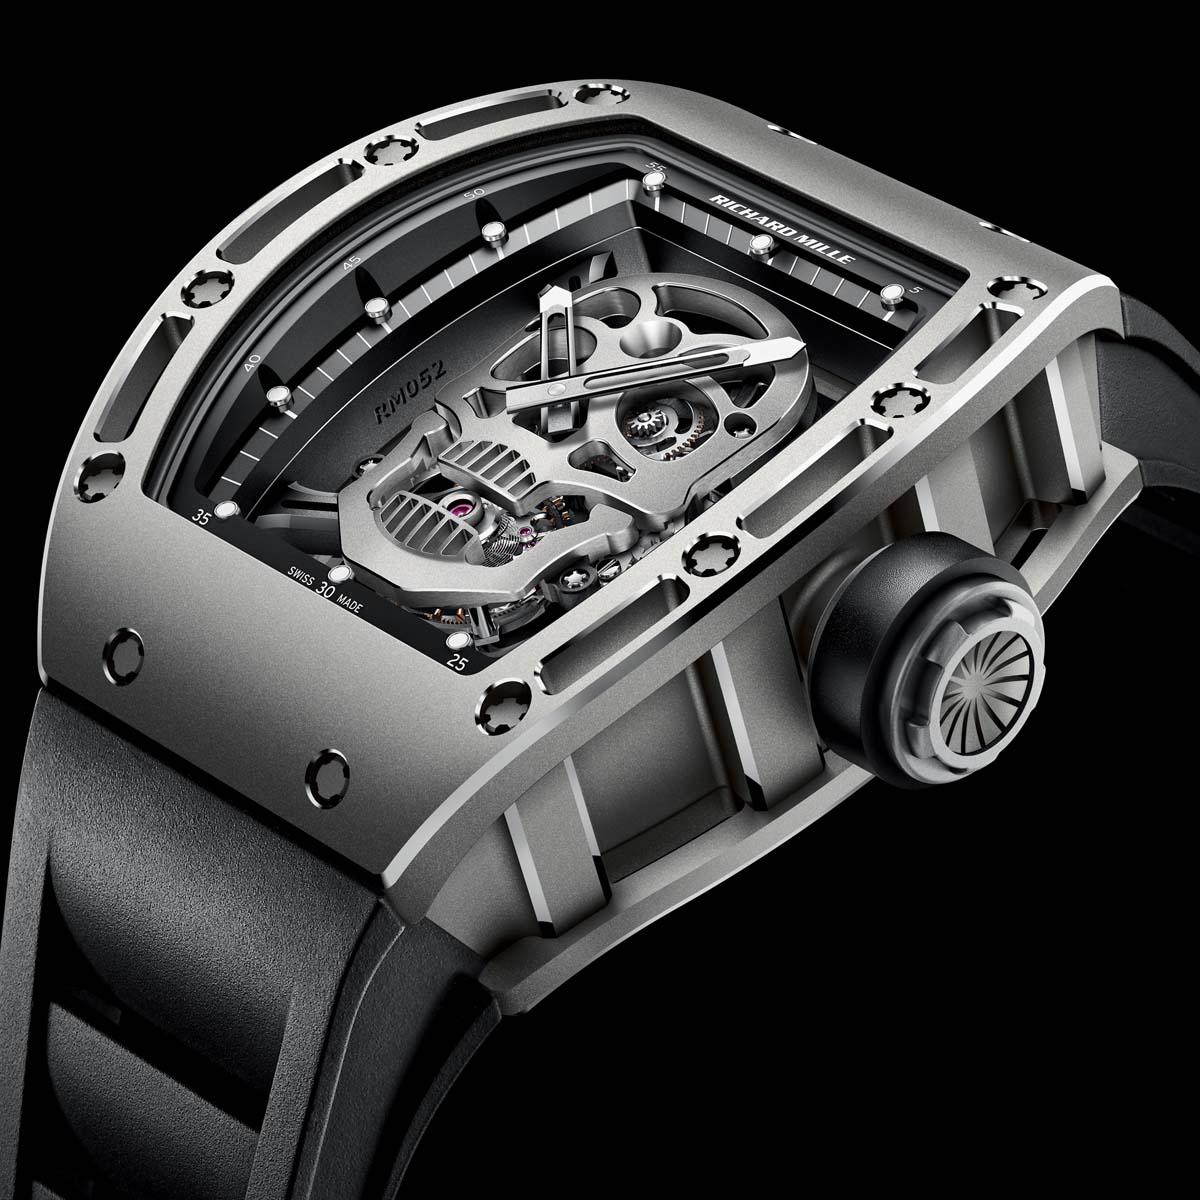 Richard Mille Tourbillon RM 052 Skull Watch